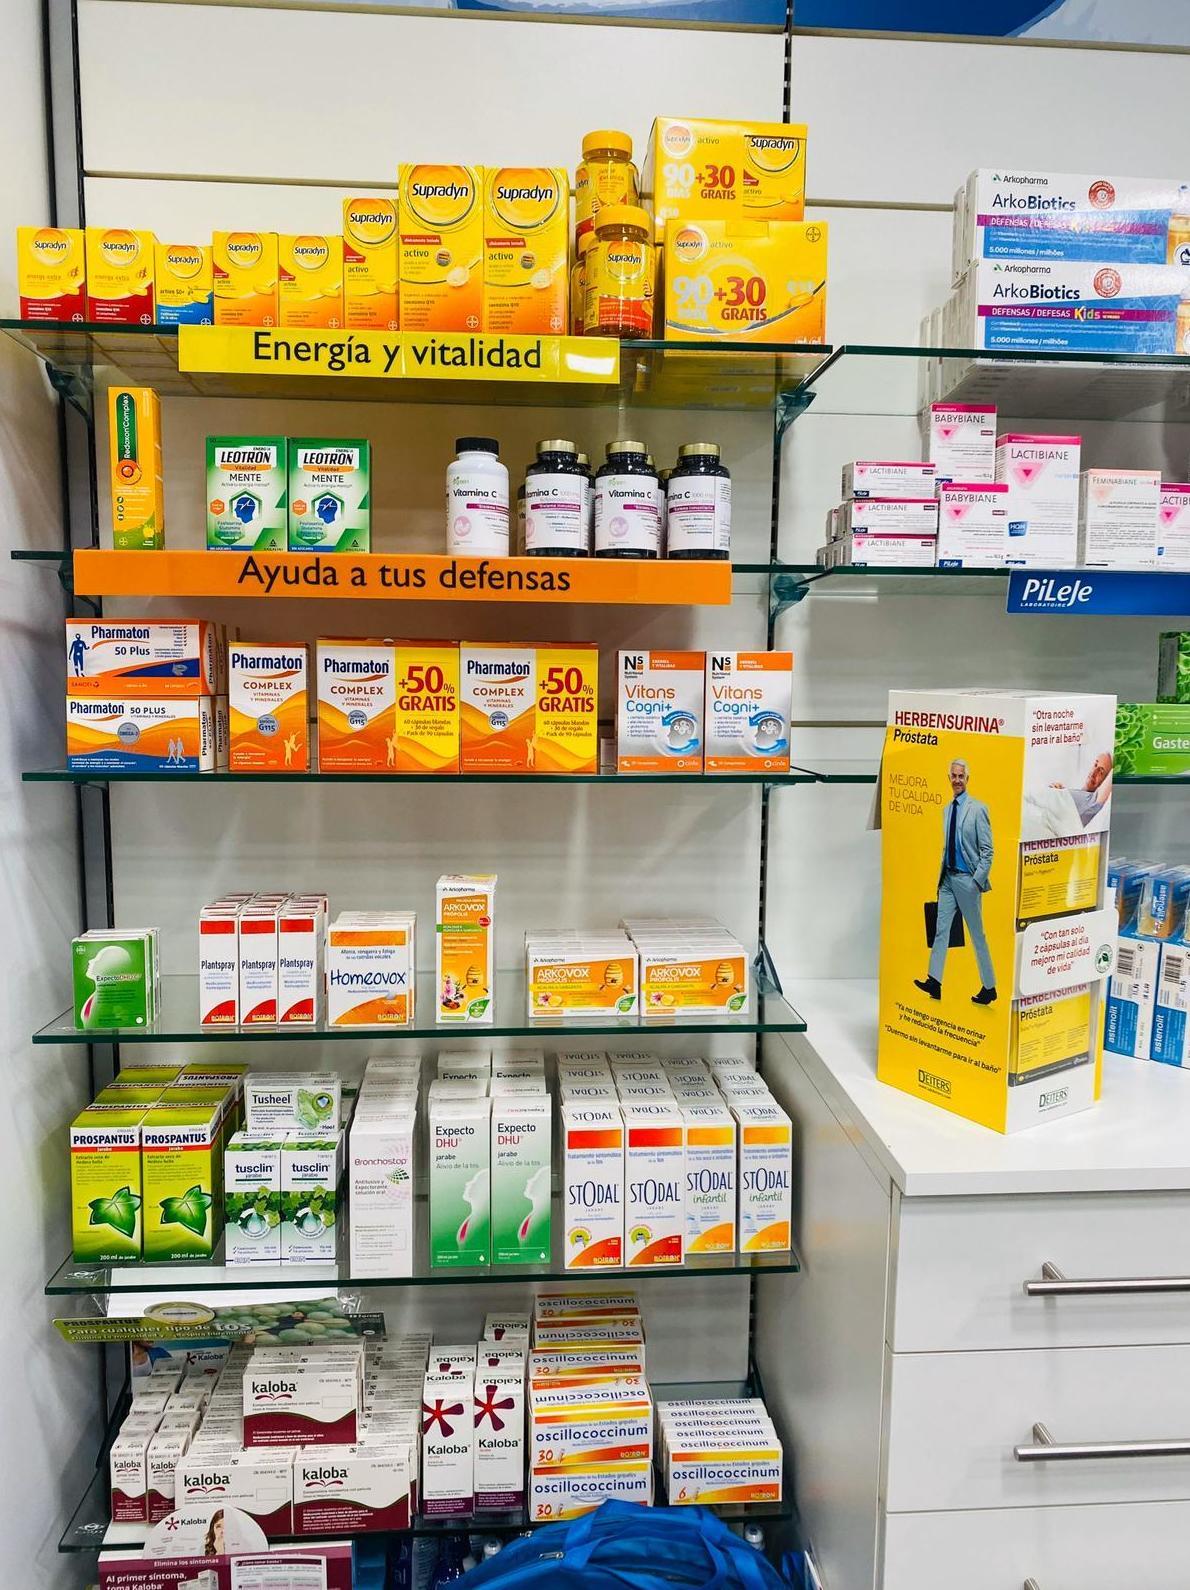 Dietètica adults: PRODUCTES EN ESTOC  de Farmacia Rosa Cinca | Guissona | 365 | 8.30-21